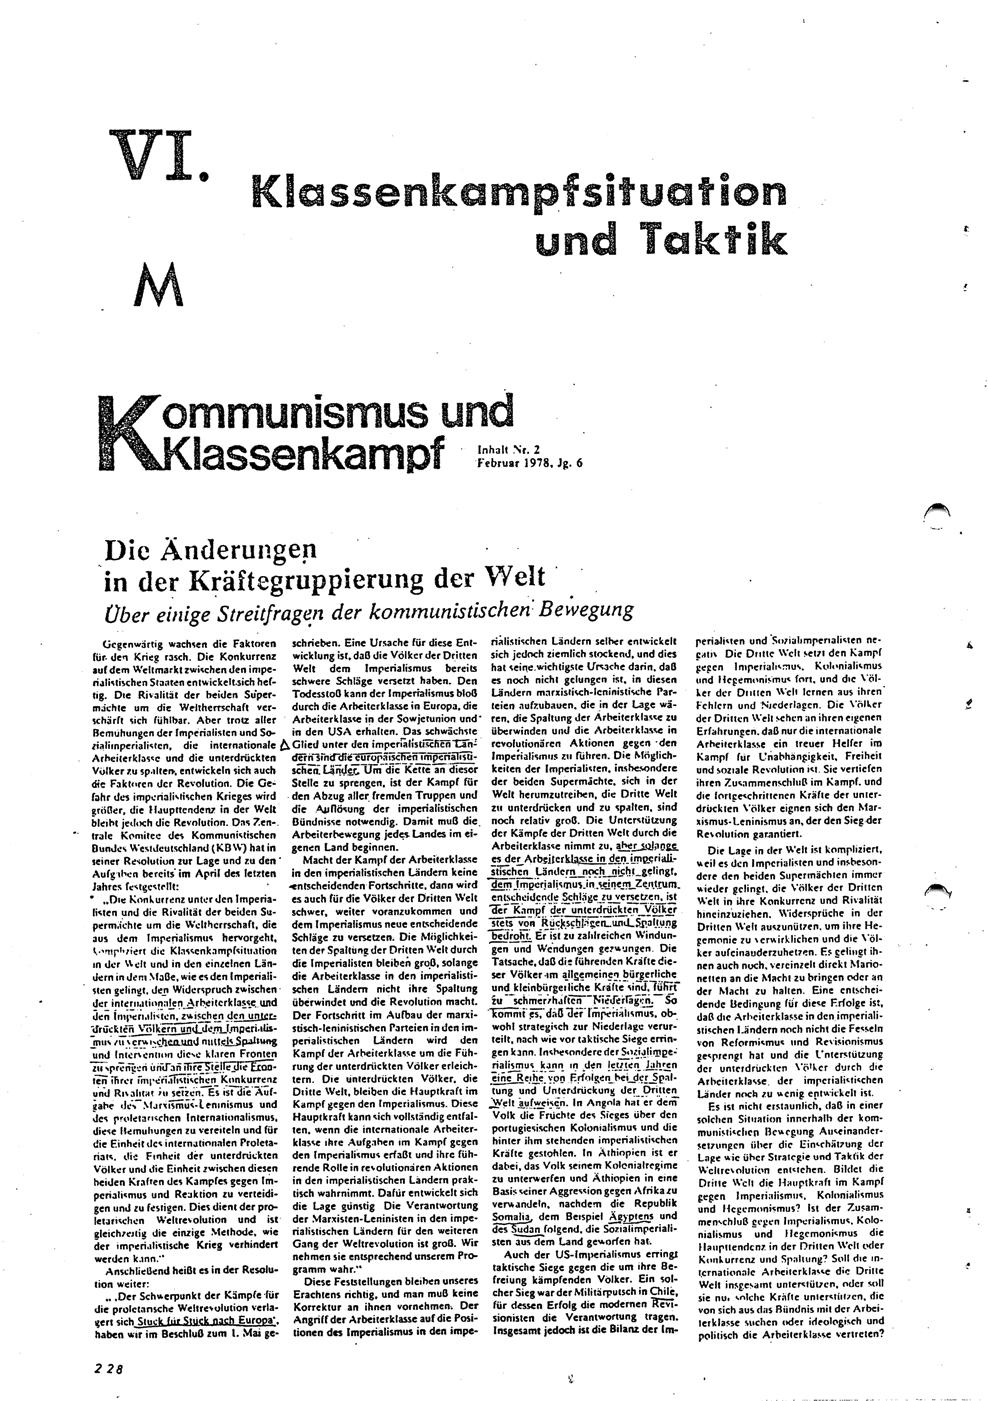 KABRW_Arbeitshefte_1978_31_108